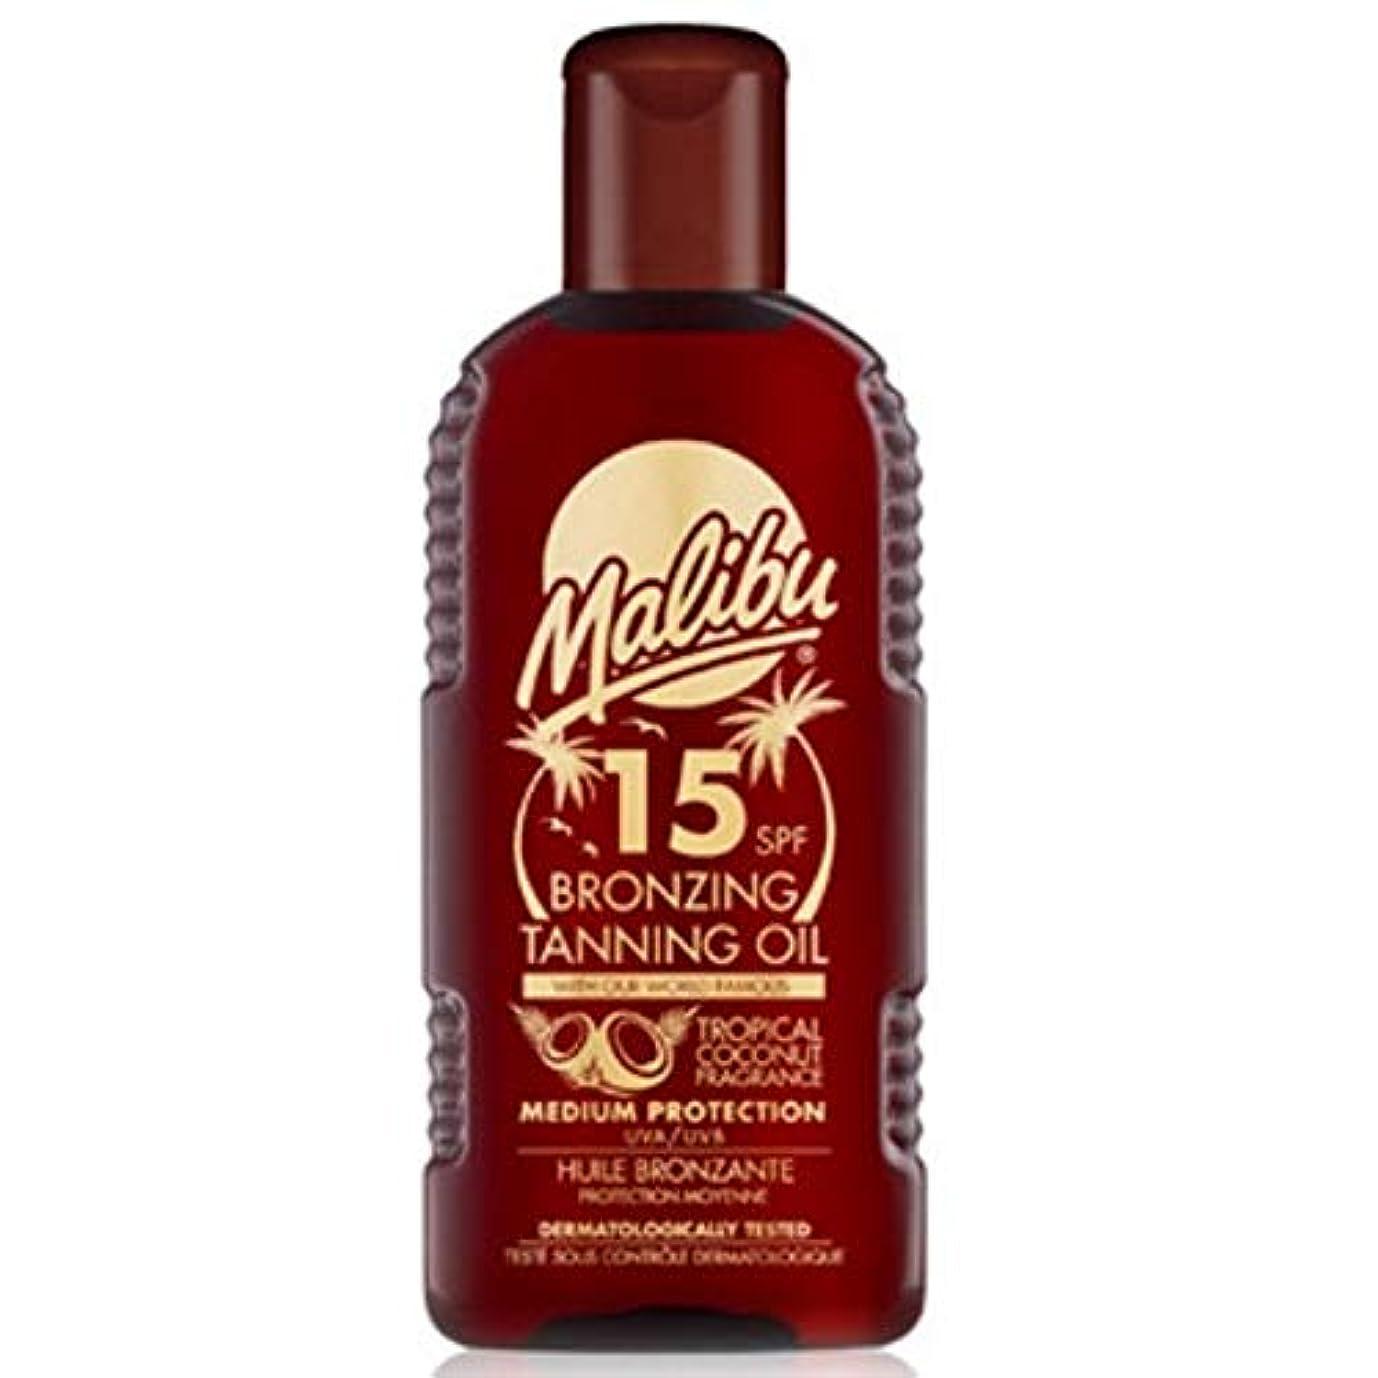 感謝するウィンク動詞[Malibu ] マリブブロンズ日焼けオイルSpf 15 - Malibu Bronzing Tanning Oil SPF 15 [並行輸入品]